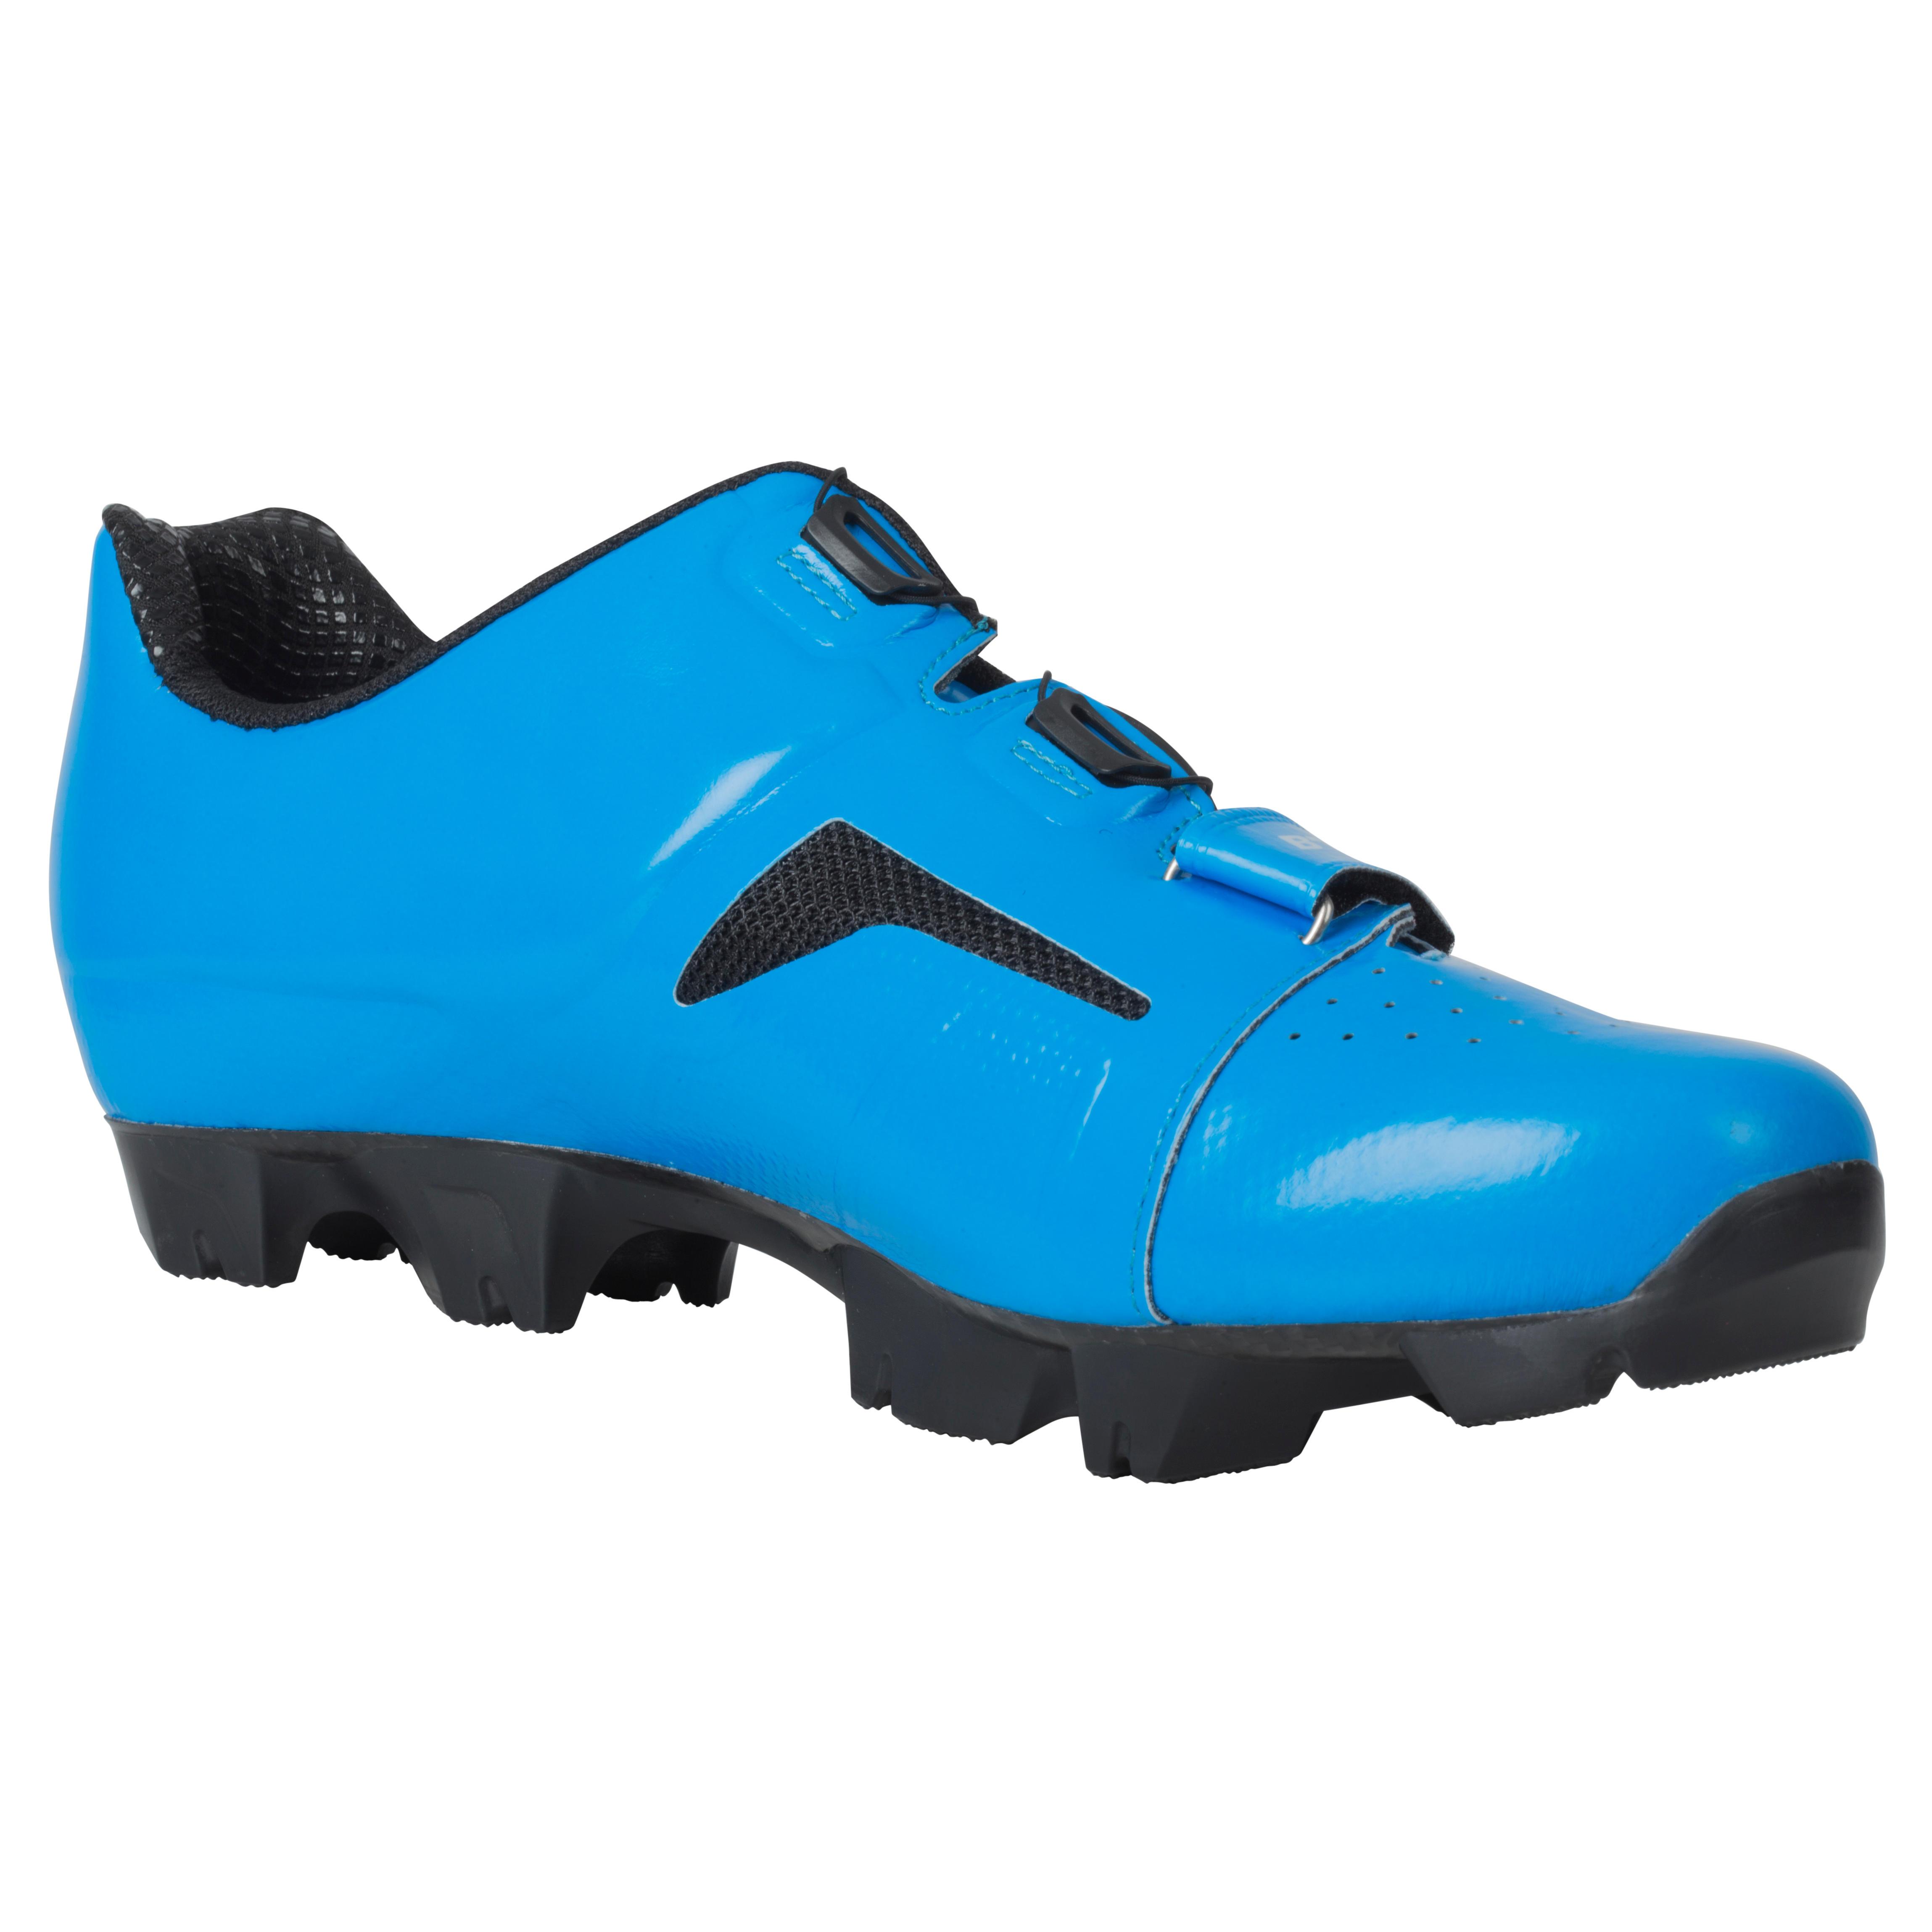 Bleu Vtt Roseamp; Vtt 700 Chaussures Chaussures j5LR34A